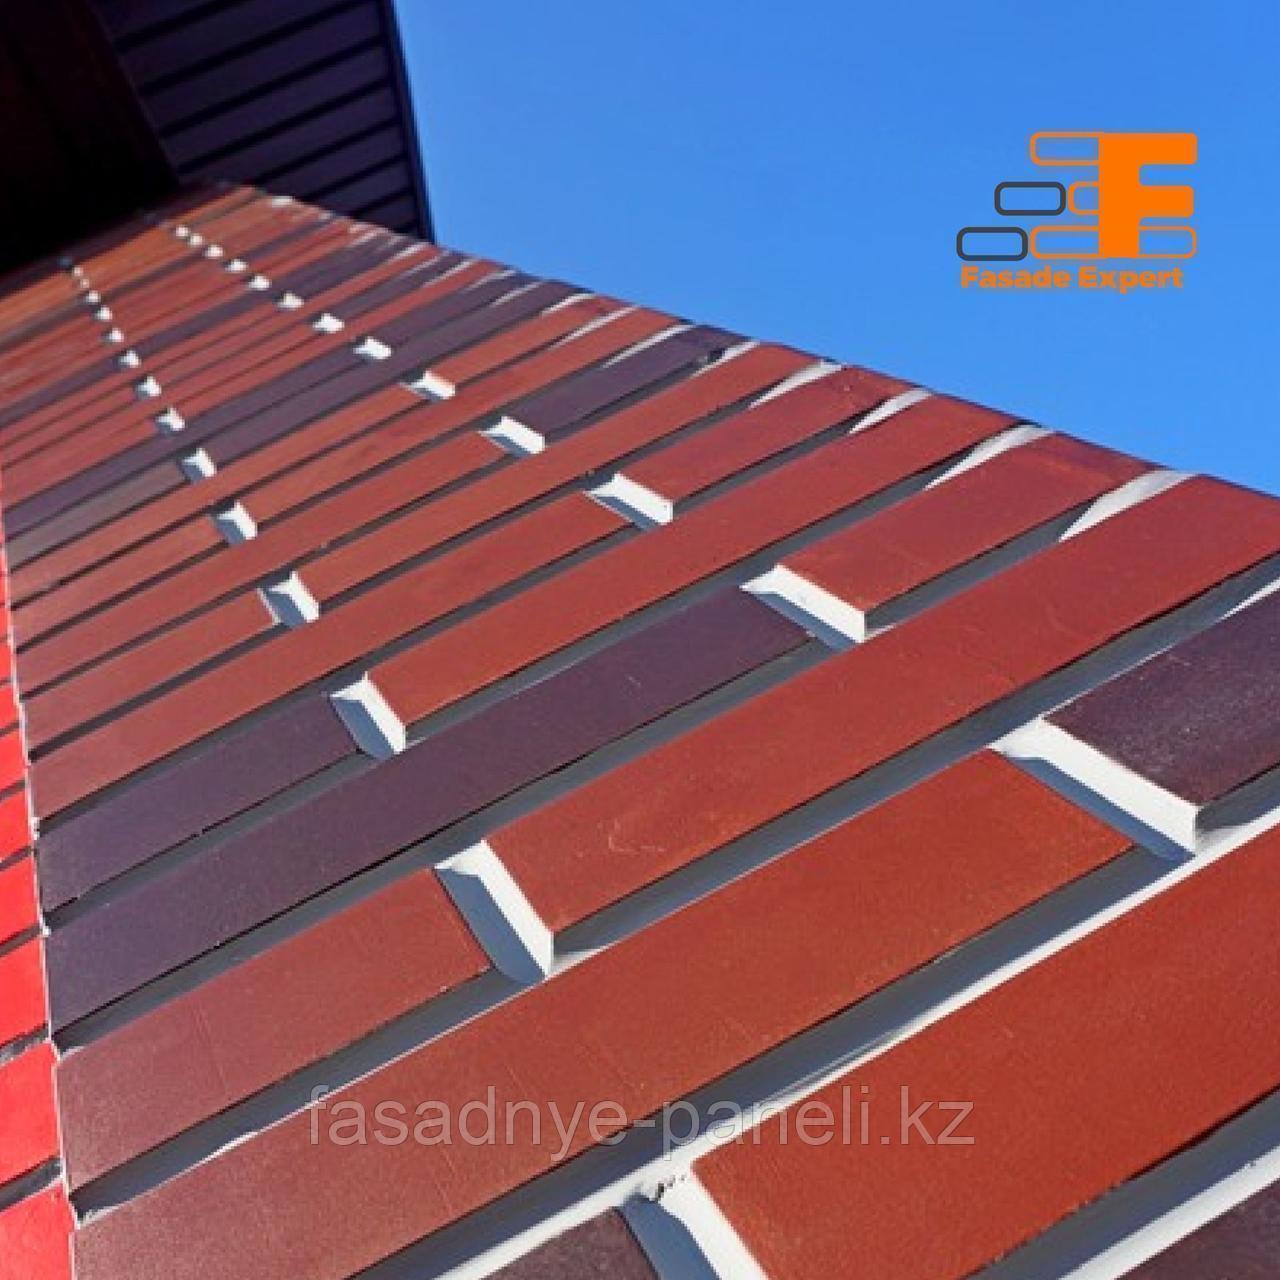 Угловая термопанель под кирпич Fasade-EXPERT, с утеплителем 30мм - фото 7